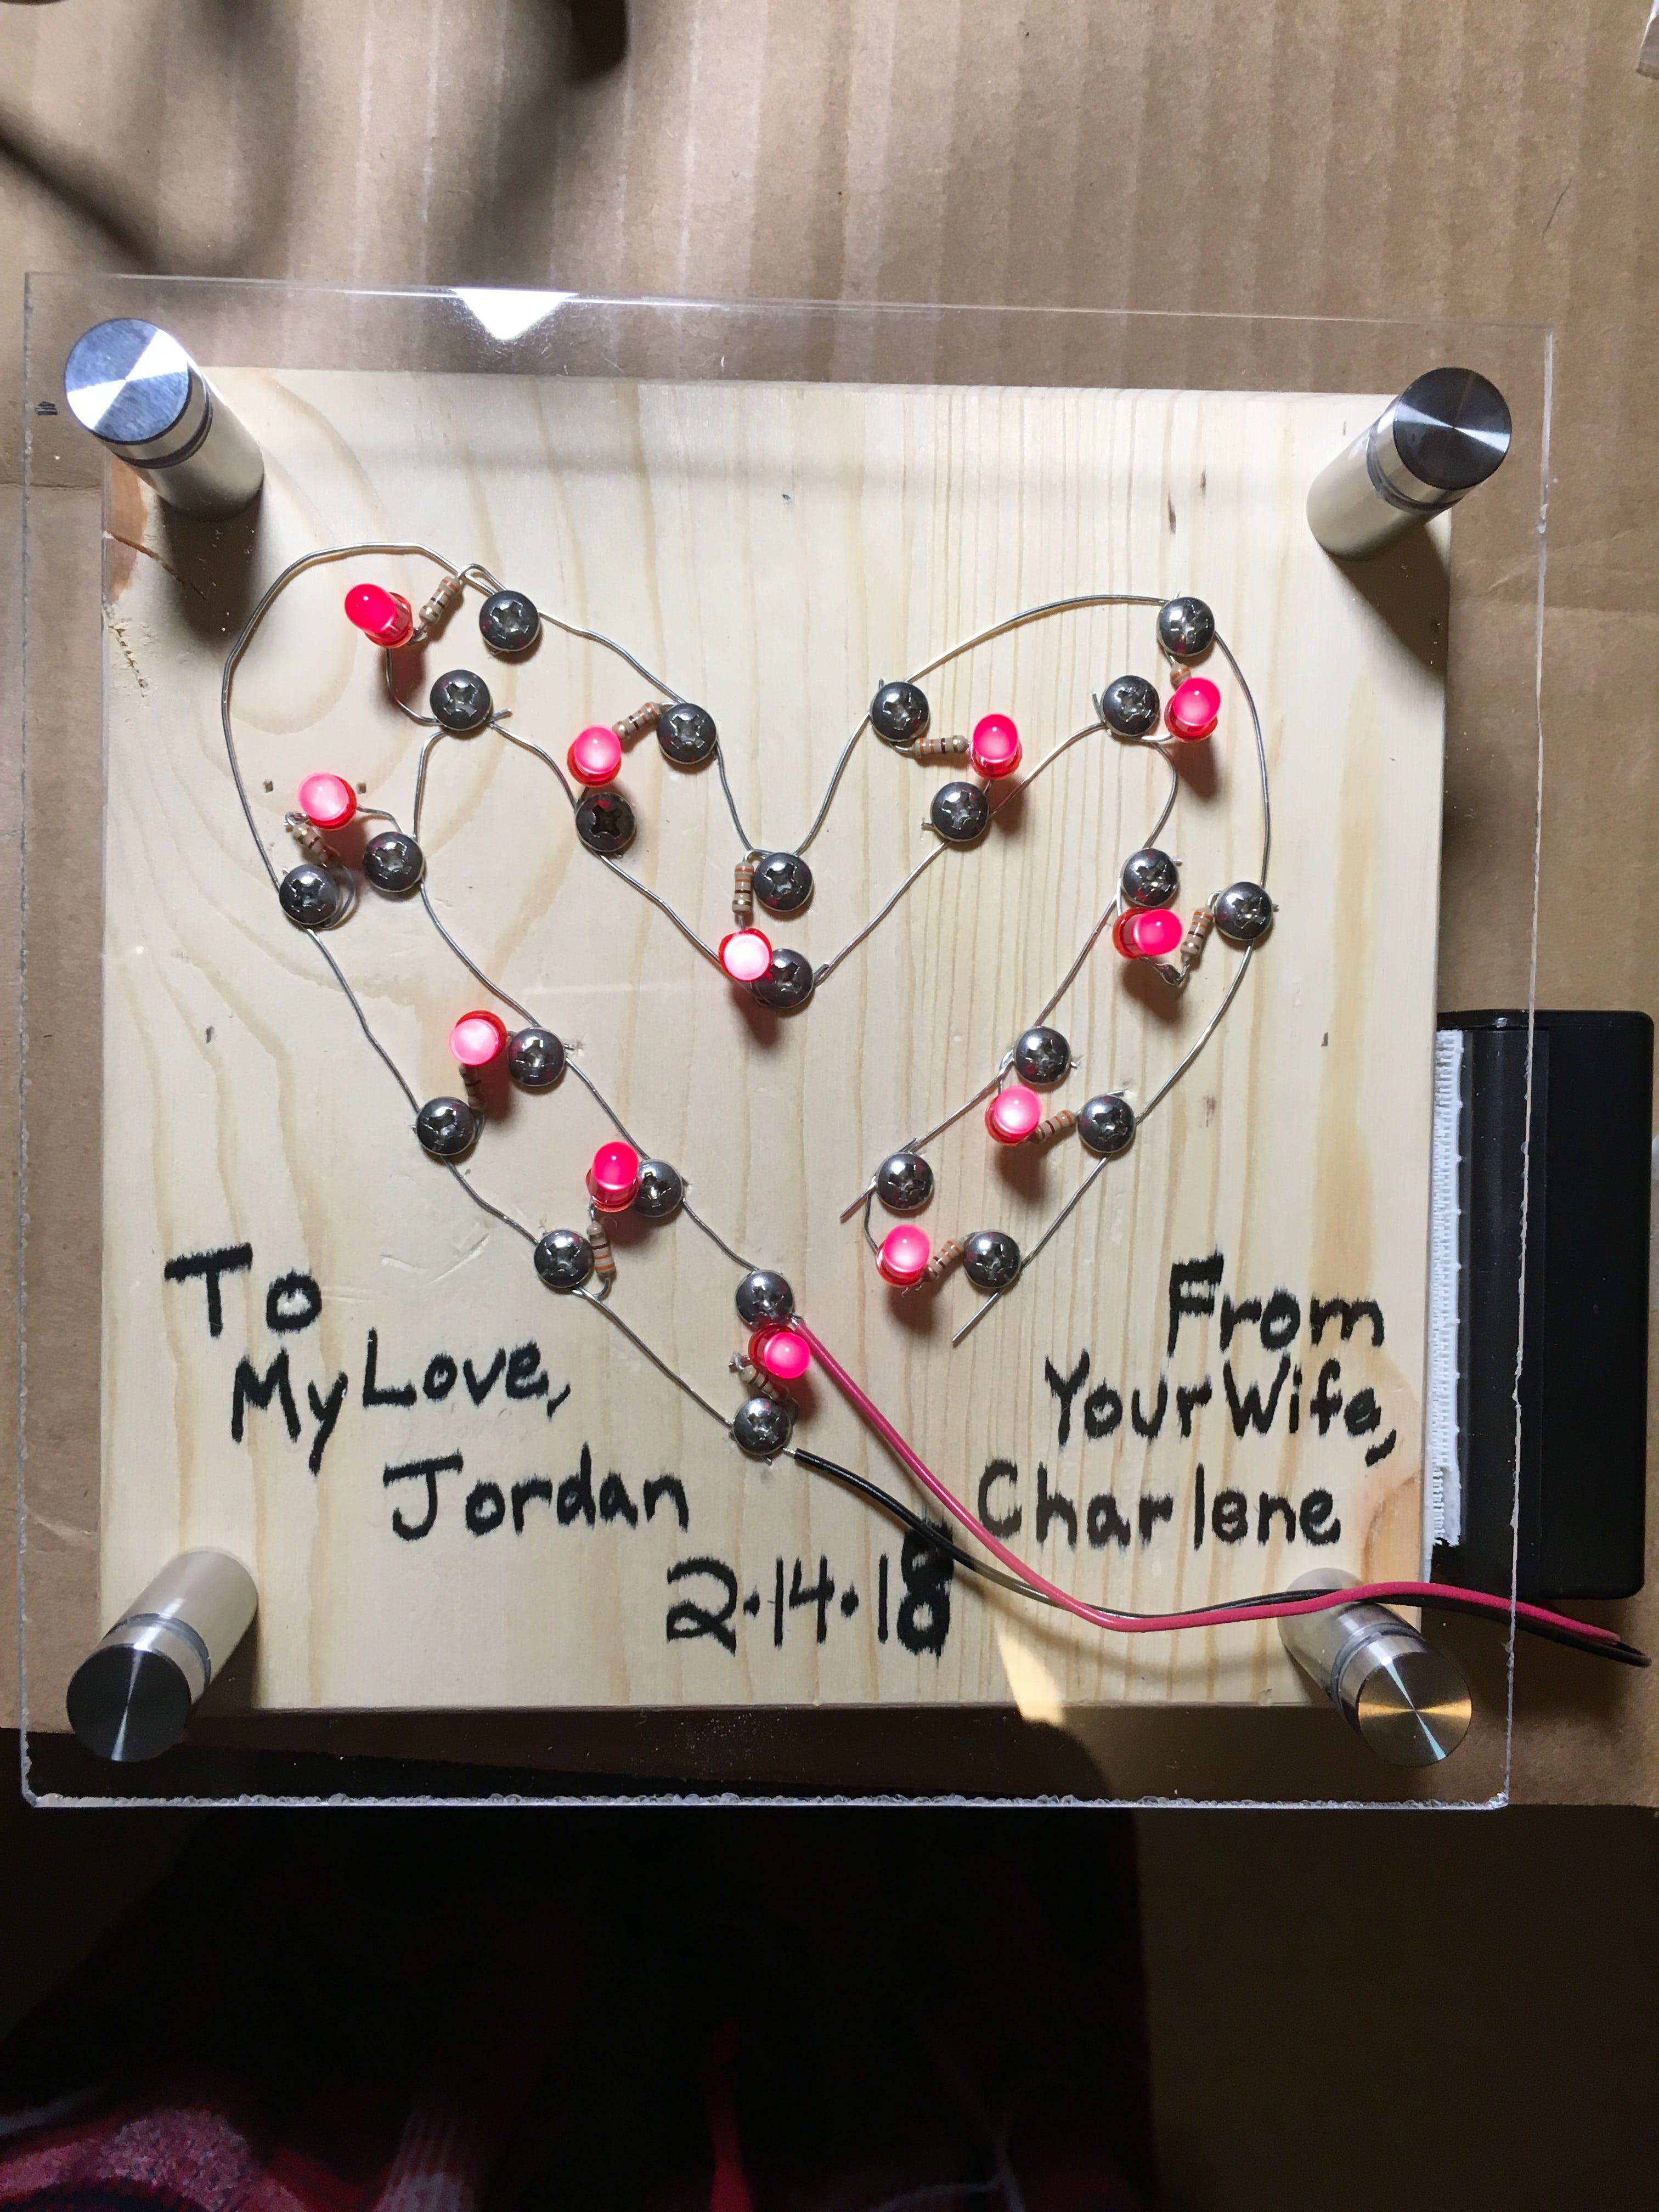 Love on full display!